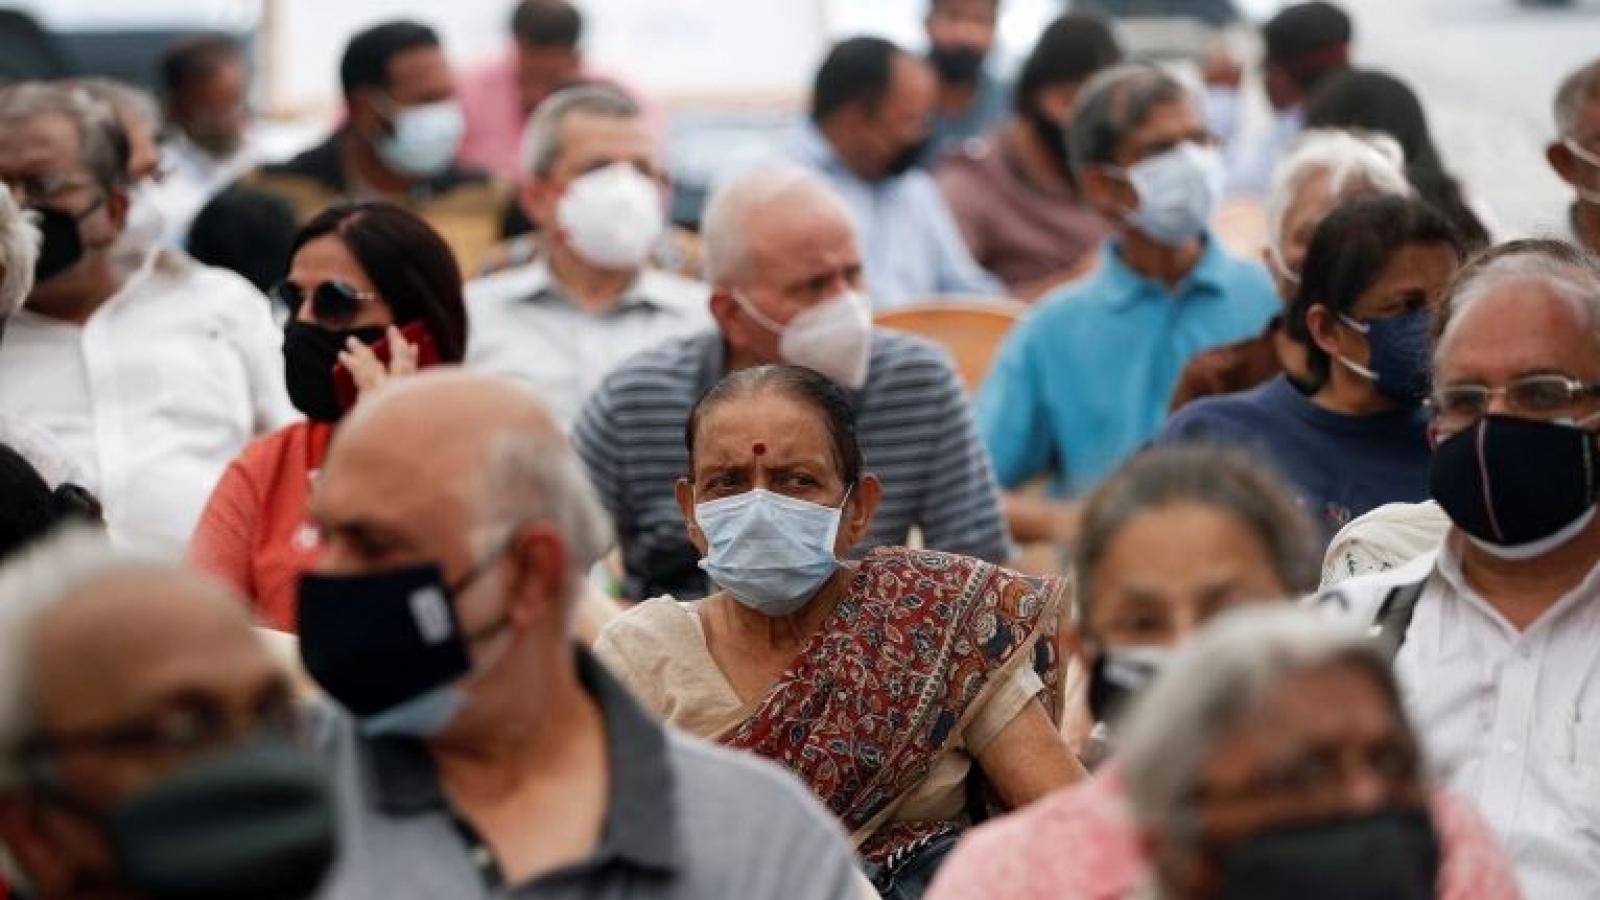 Ấn Độ ghi nhận số ca mắc Covid-19 kỷ lục trong một ngày